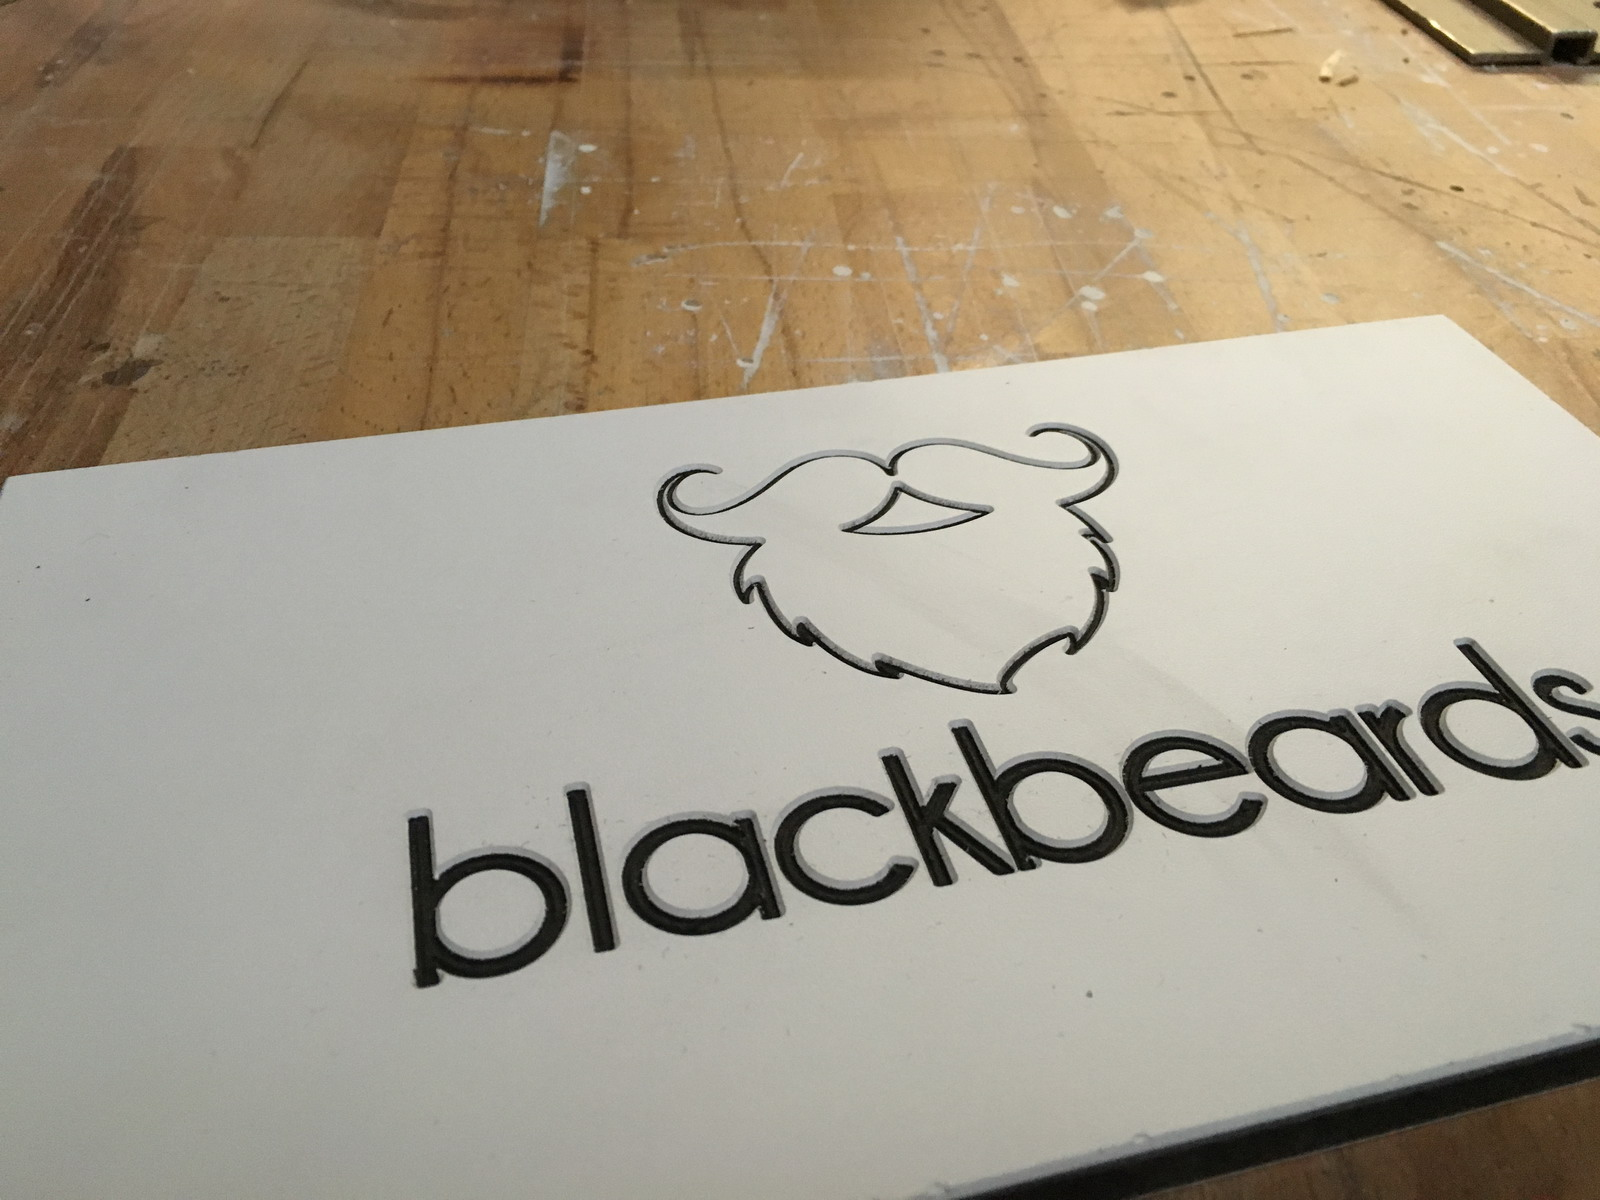 Blackbeards 3